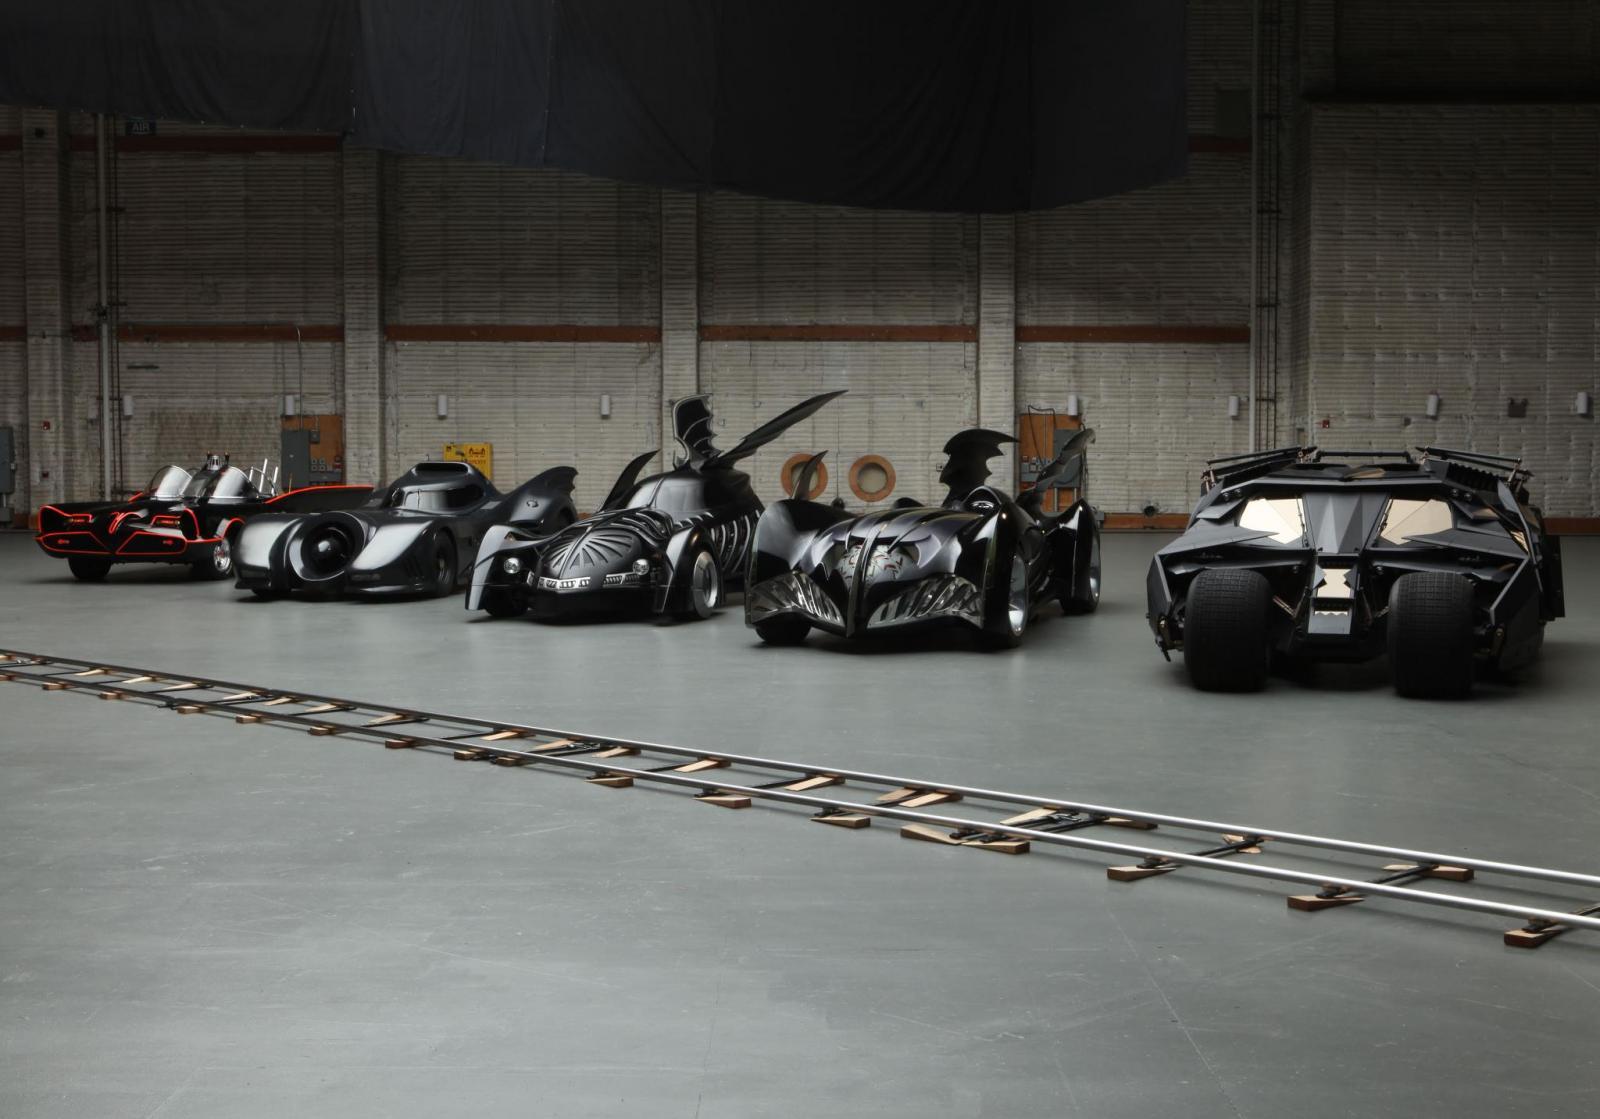 Los autos y motos más emblemáticos de los superhéroes